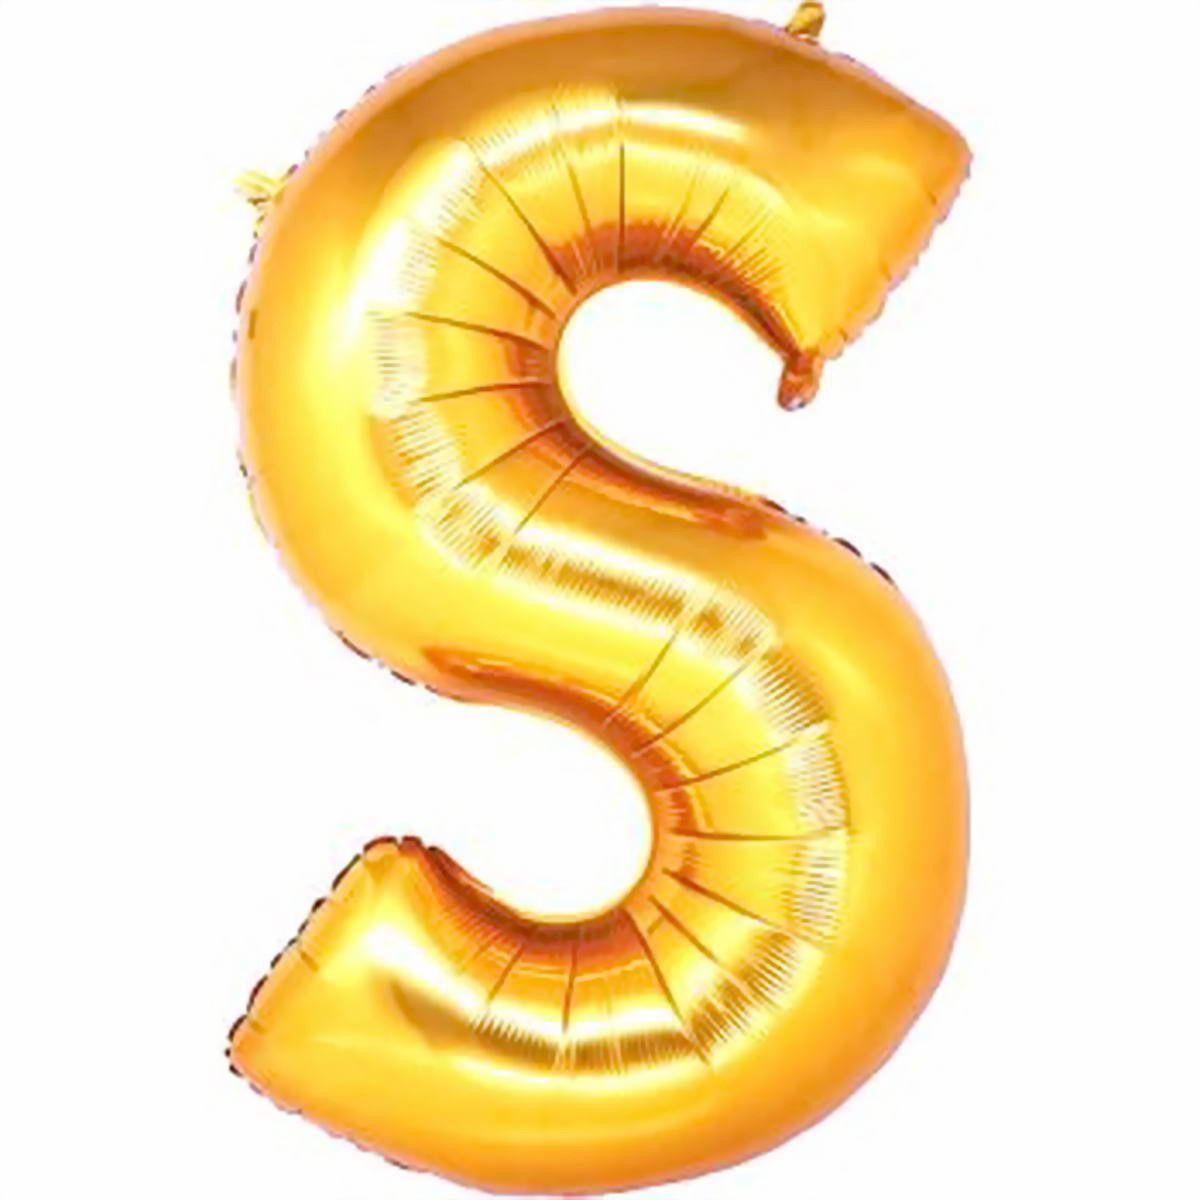 Balão Metalizado Dourado Letra S 1 metro